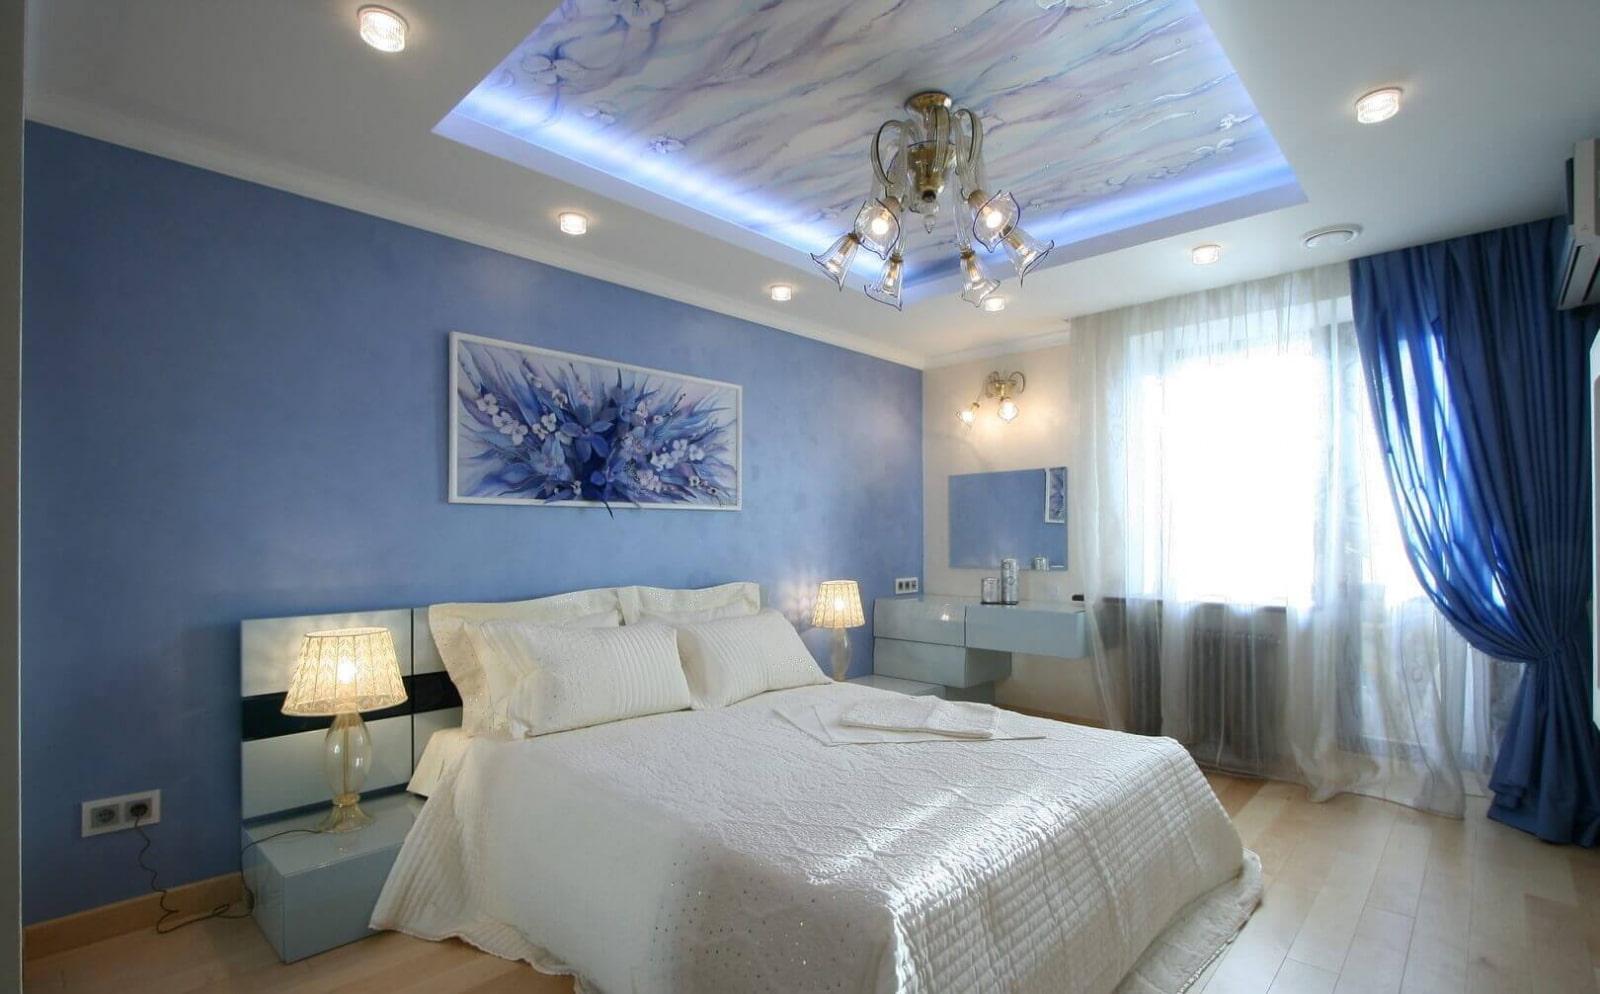 освещение в спальне с натяжным потолком фото декор